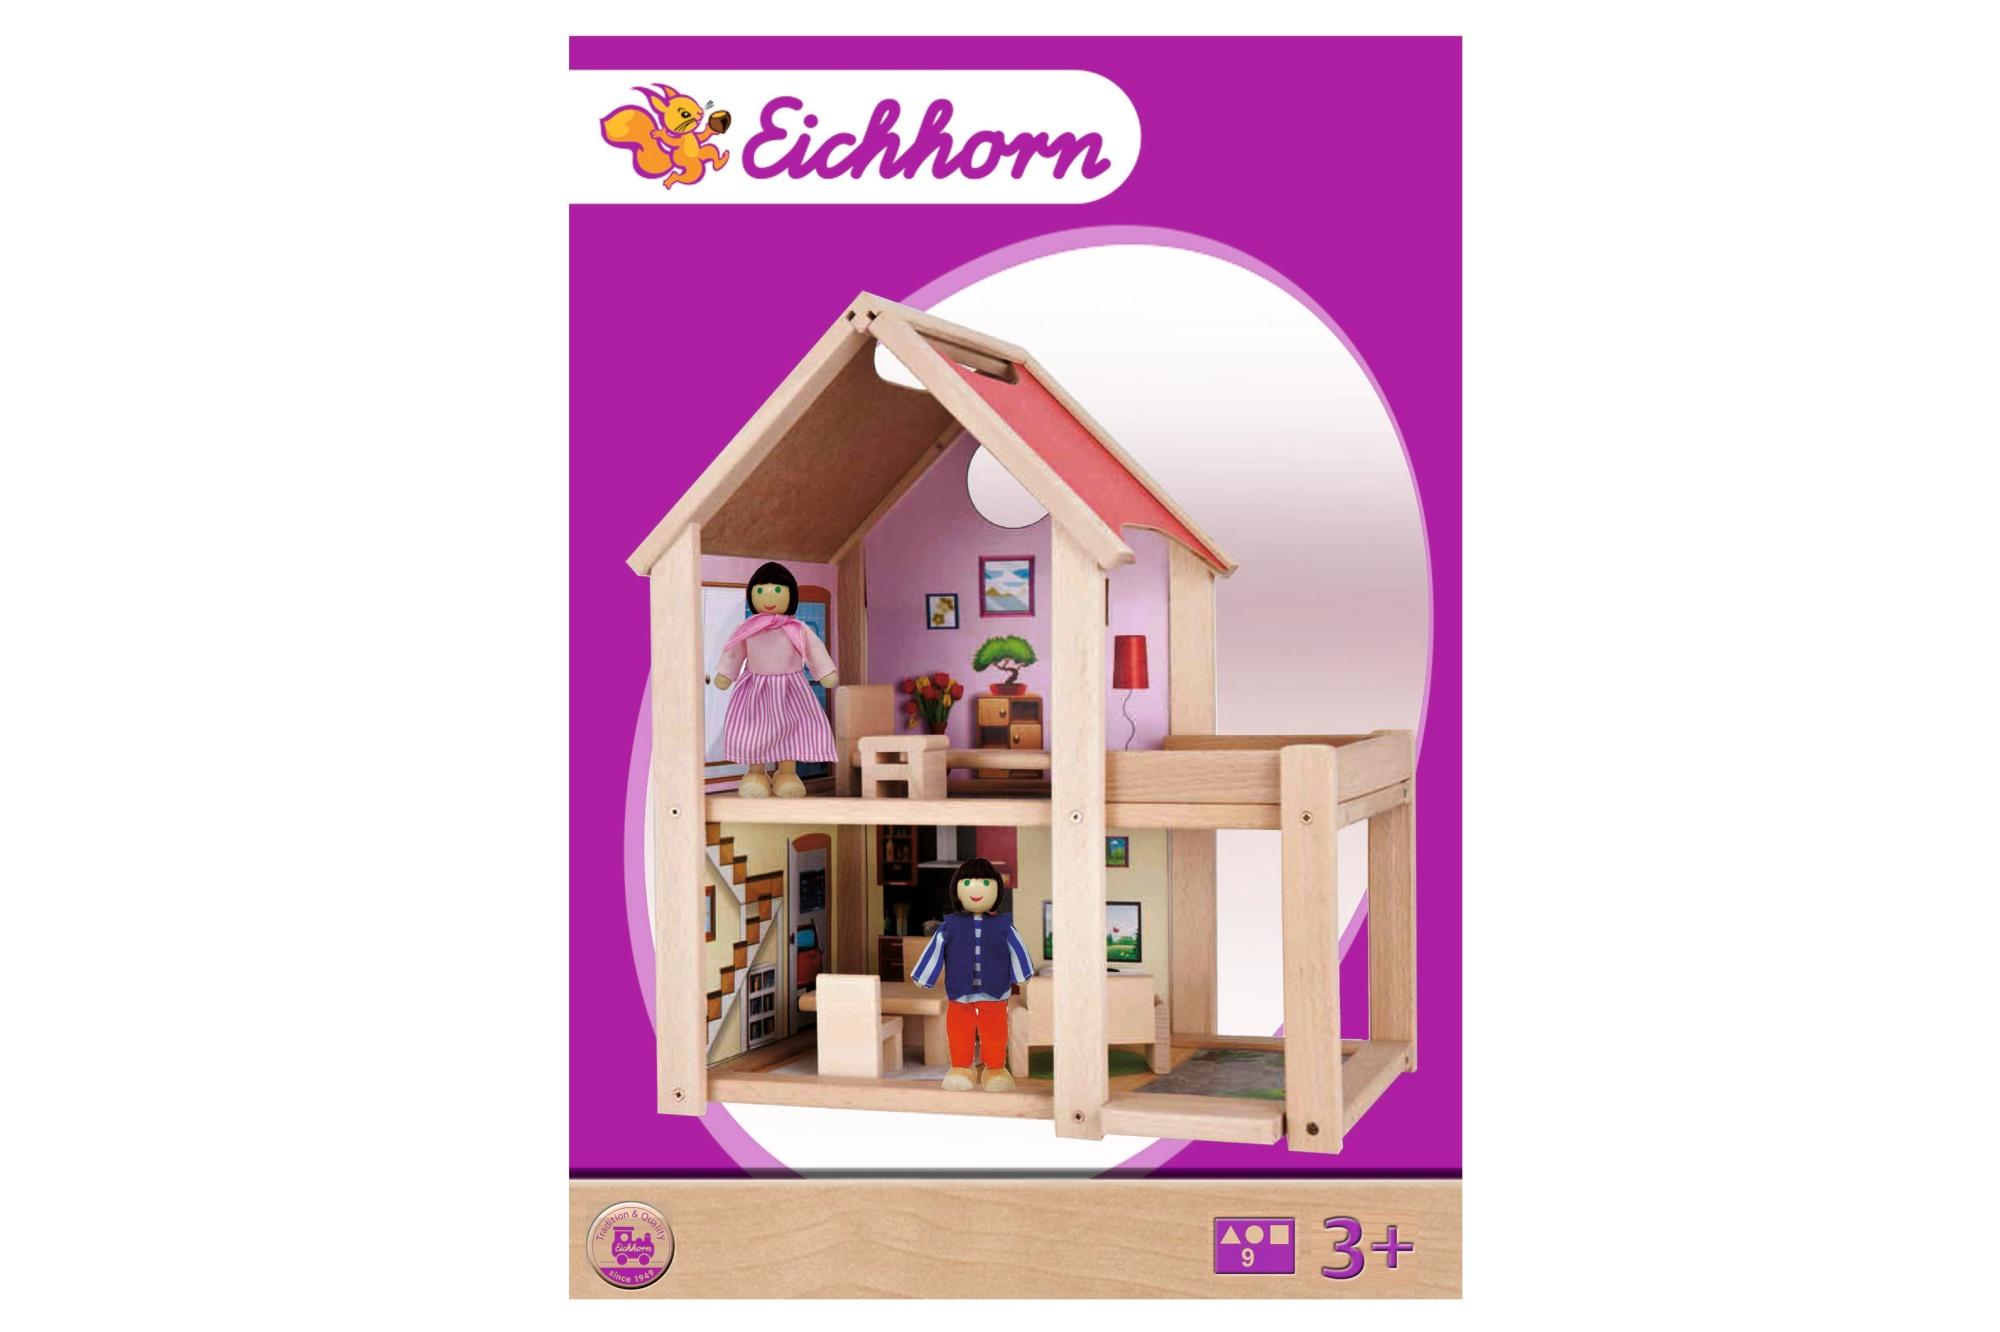 Eichhorn Puppenhaus inkl. Möbel